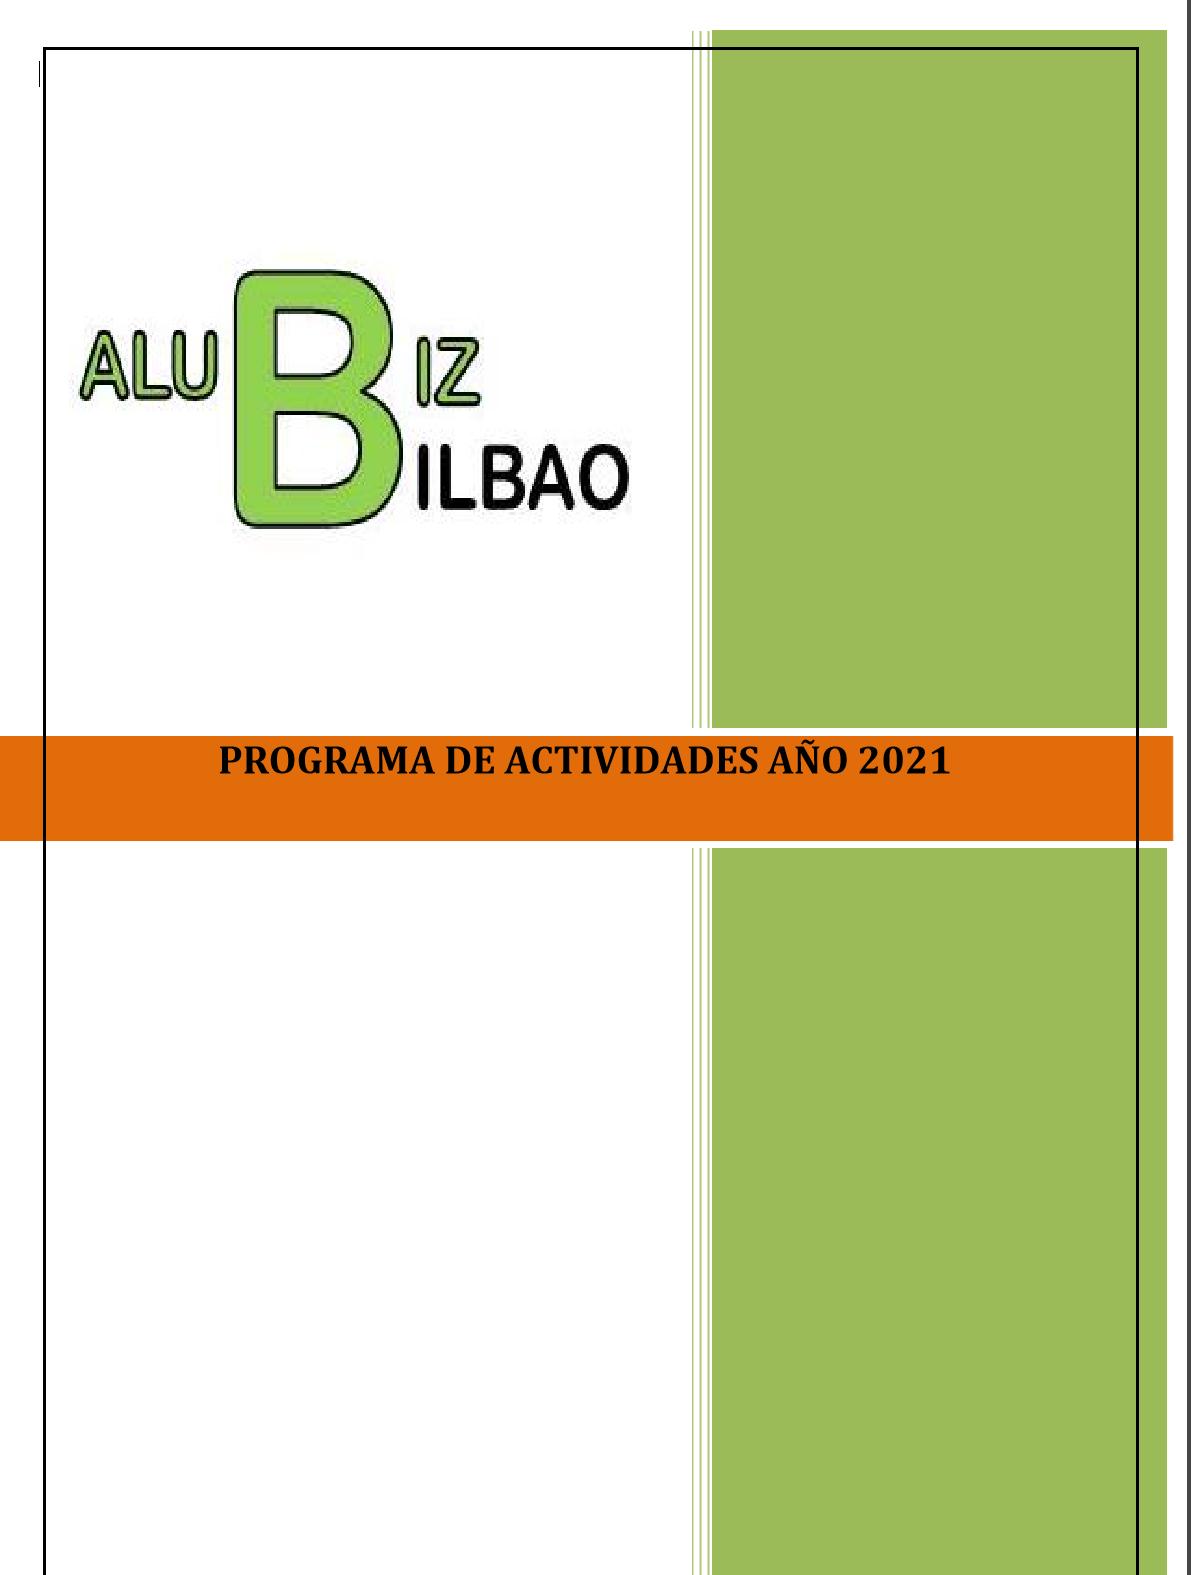 programa-actividades-2021